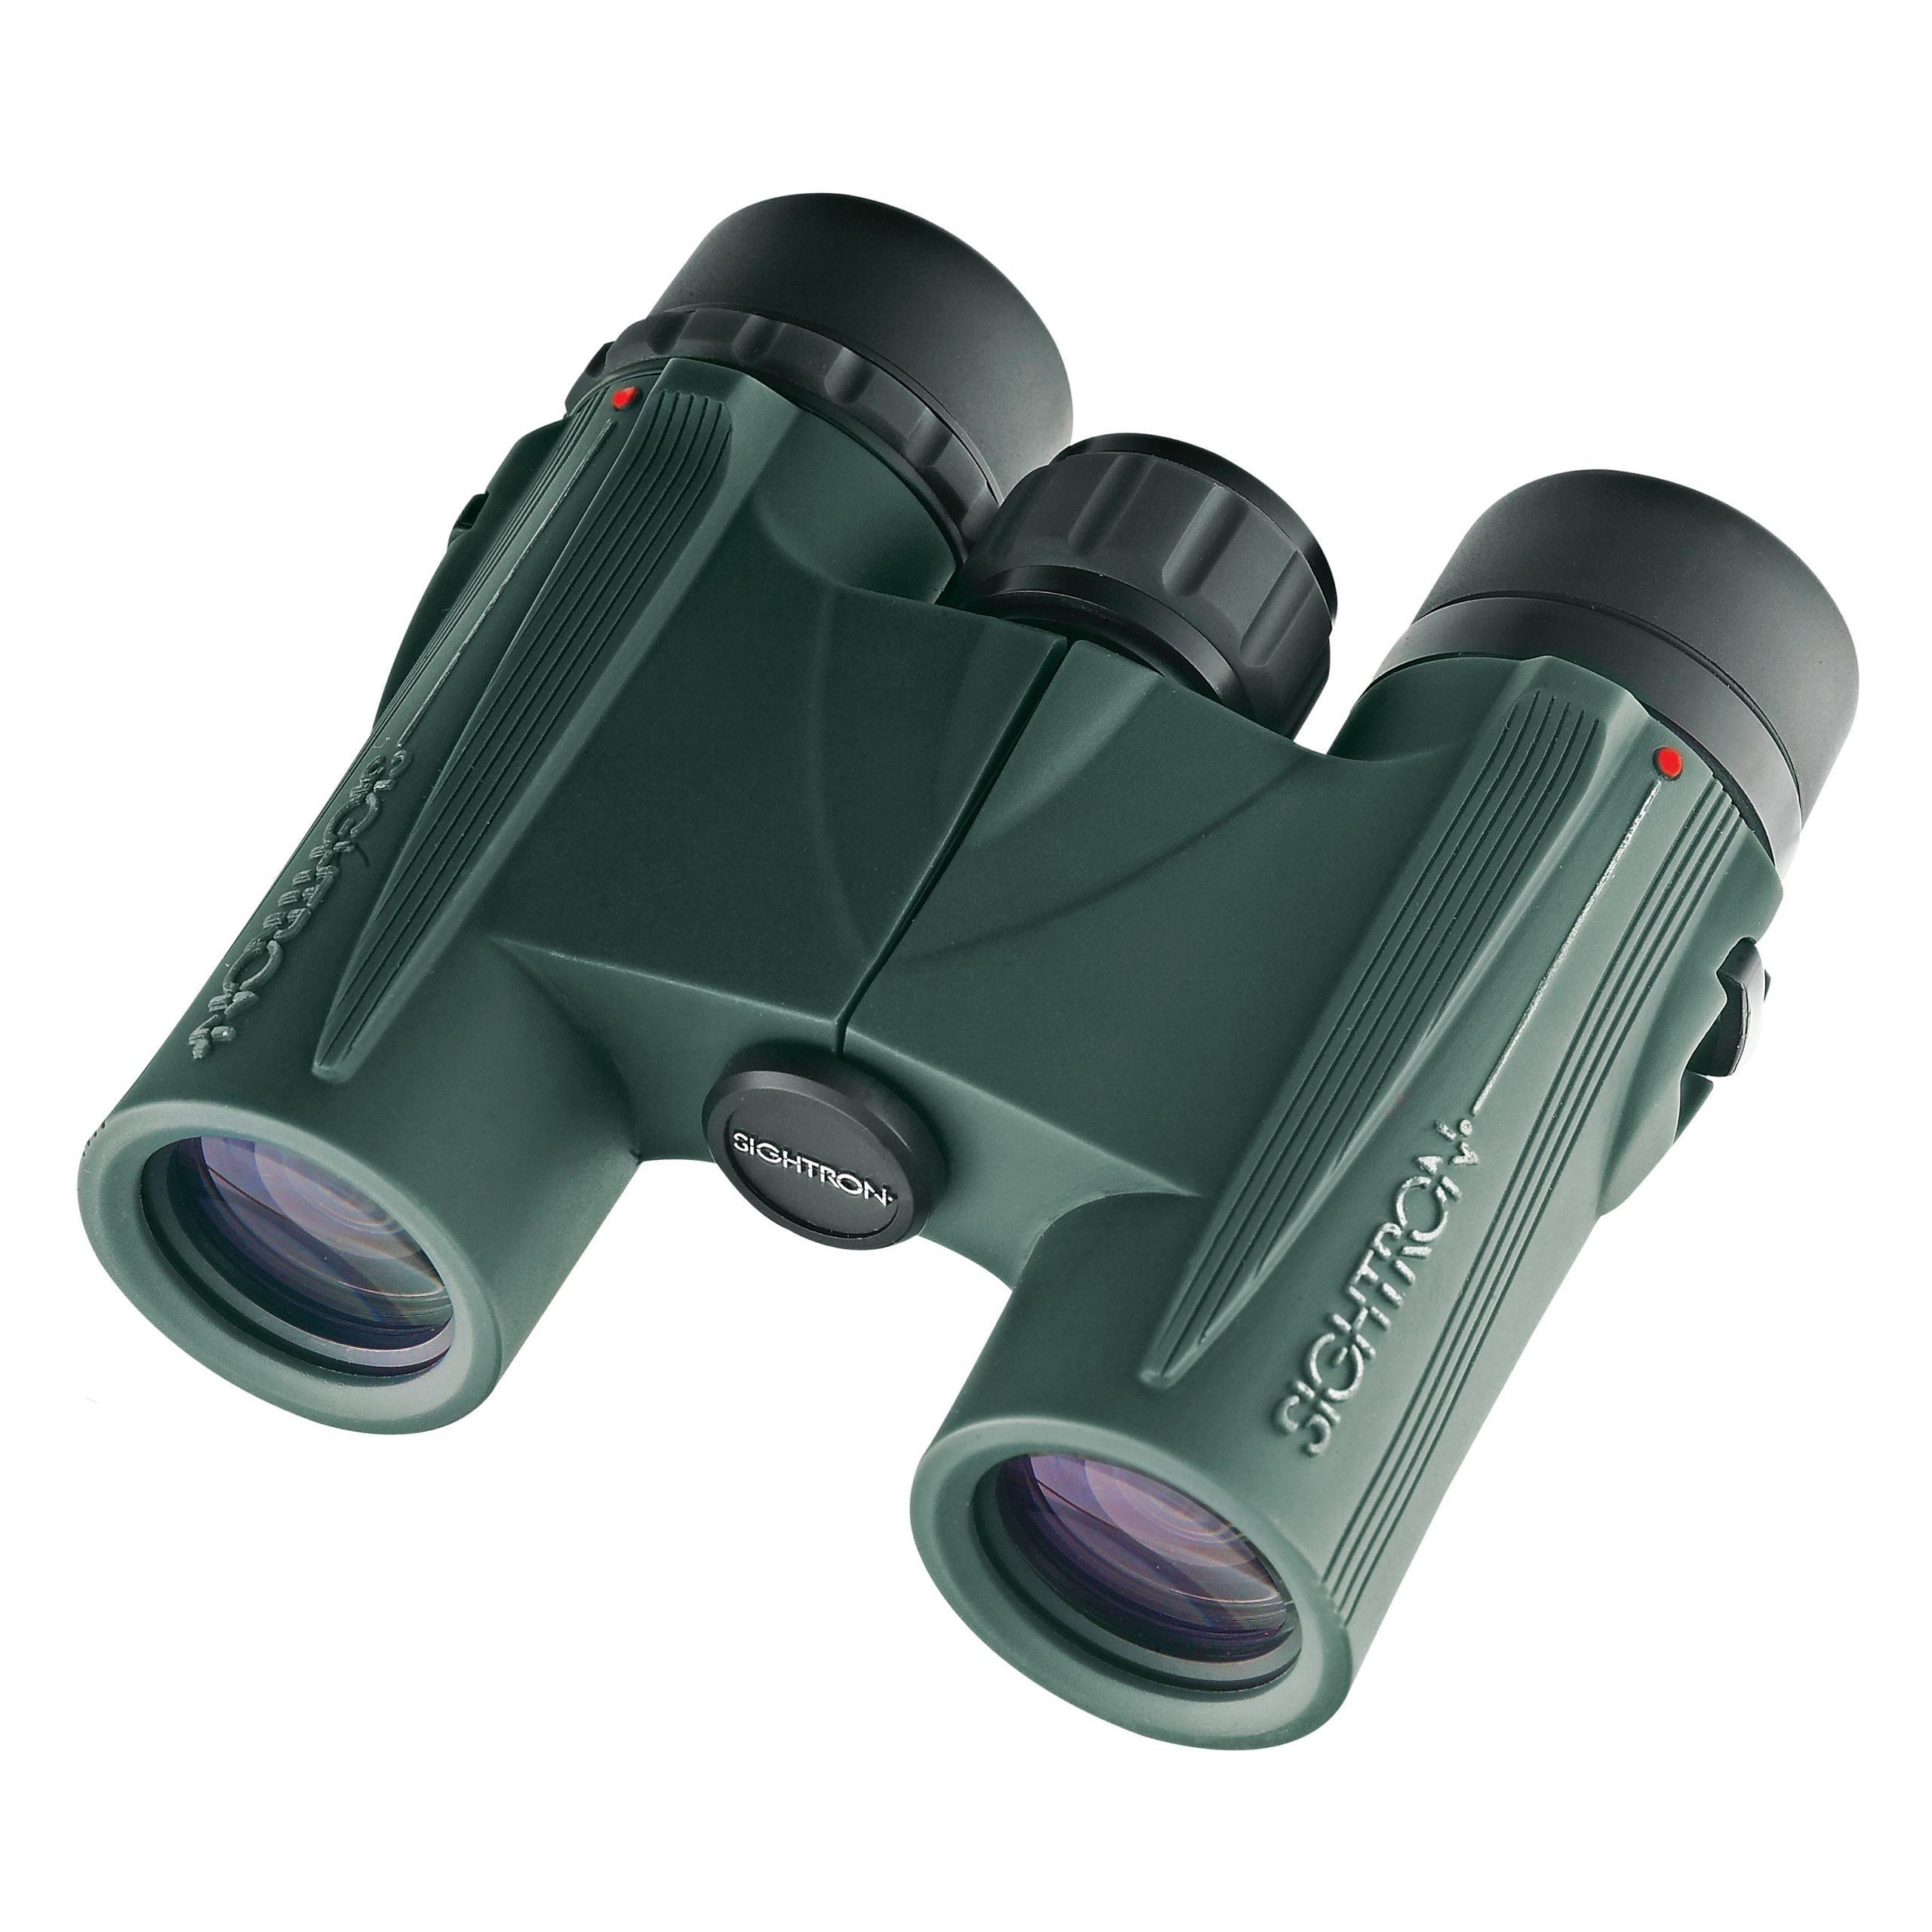 Sightron 8X25 Binocular Code SI825